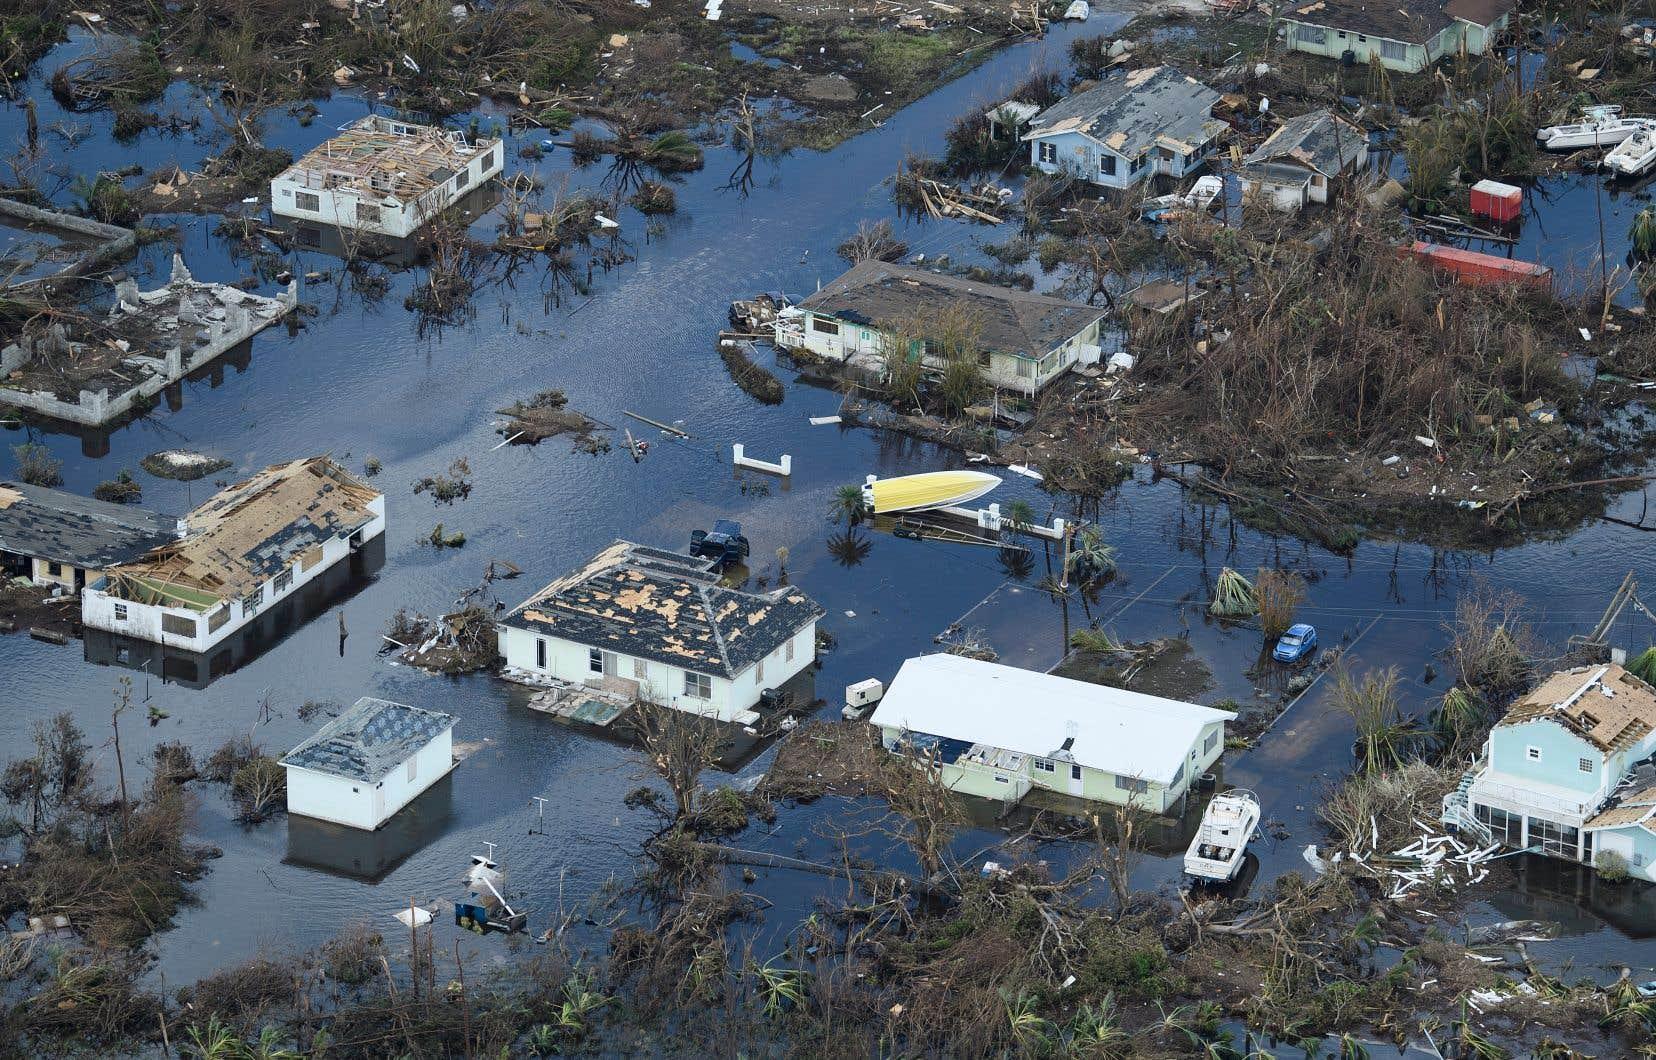 Vue aérienne des dégâts causés par l'ouragan «Dorian» à Marsh Harbour, sur l'île de Great Abaco, aux Bahamas.